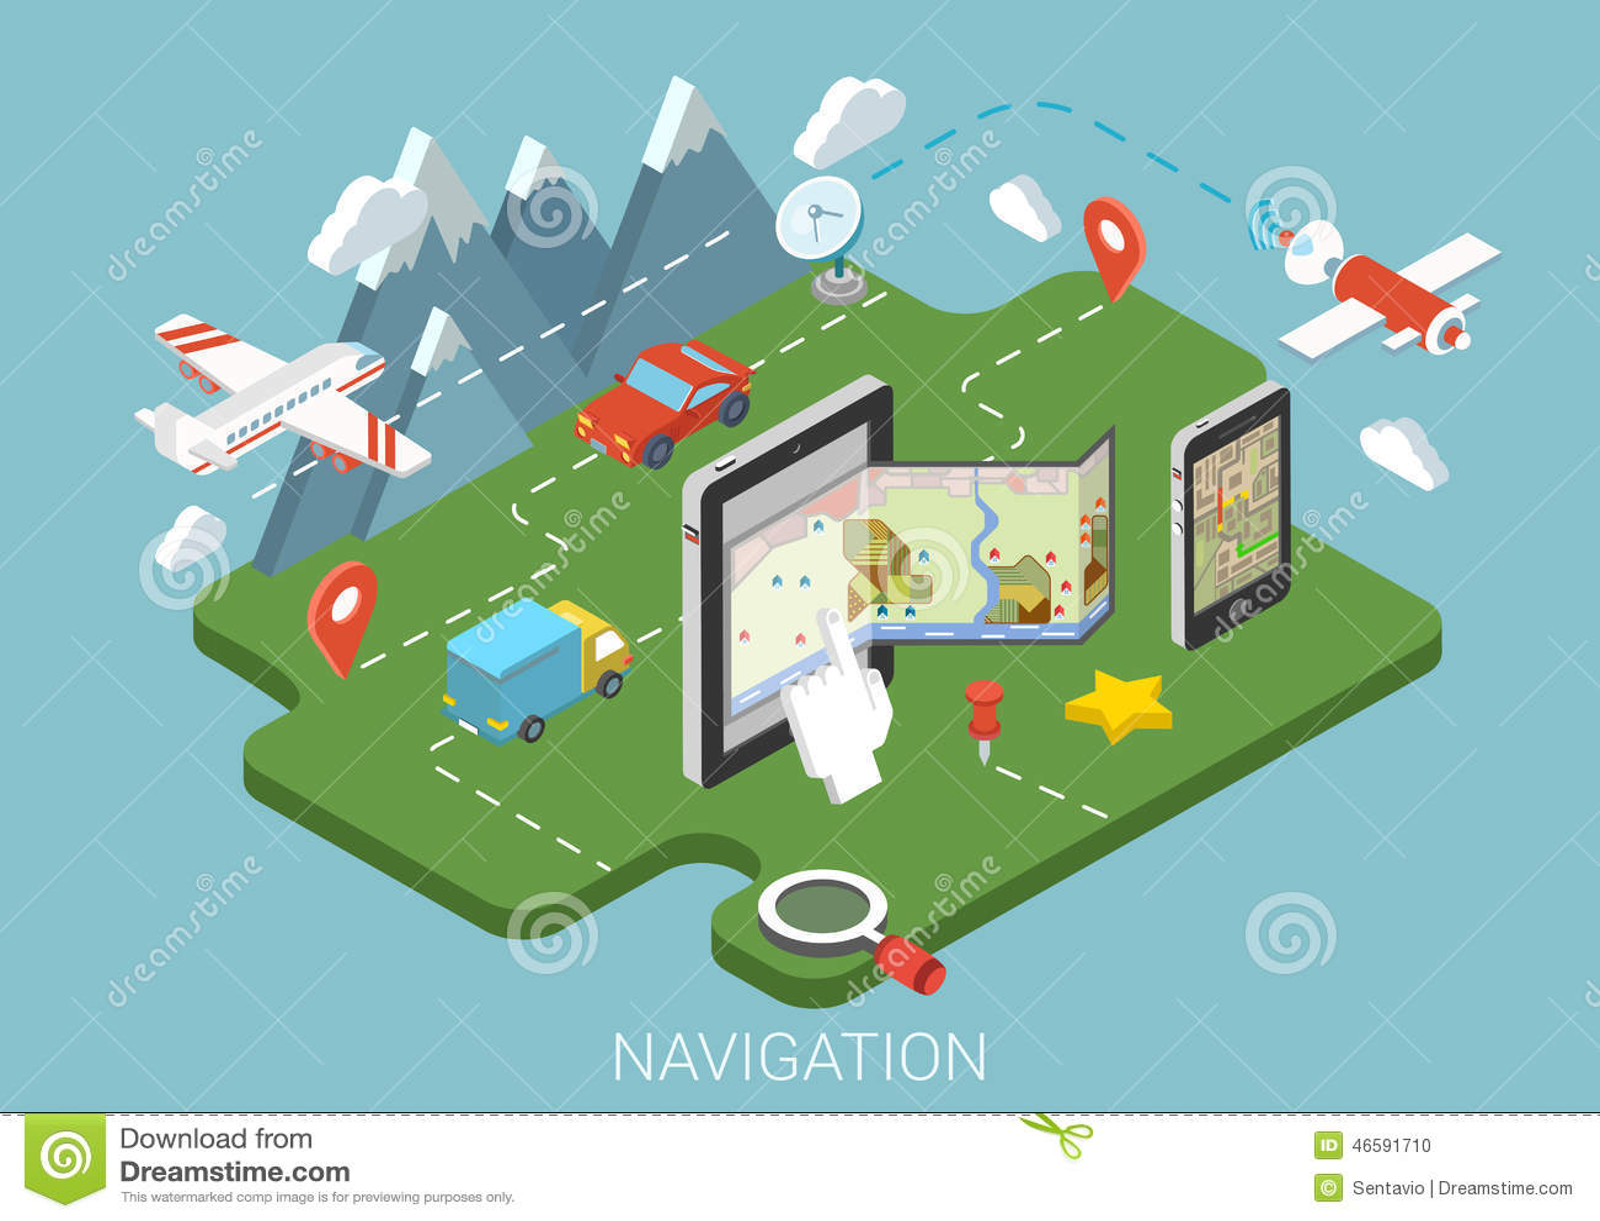 Vlak De Navigatie Infographic 3d Isometrisch Concept Van ...